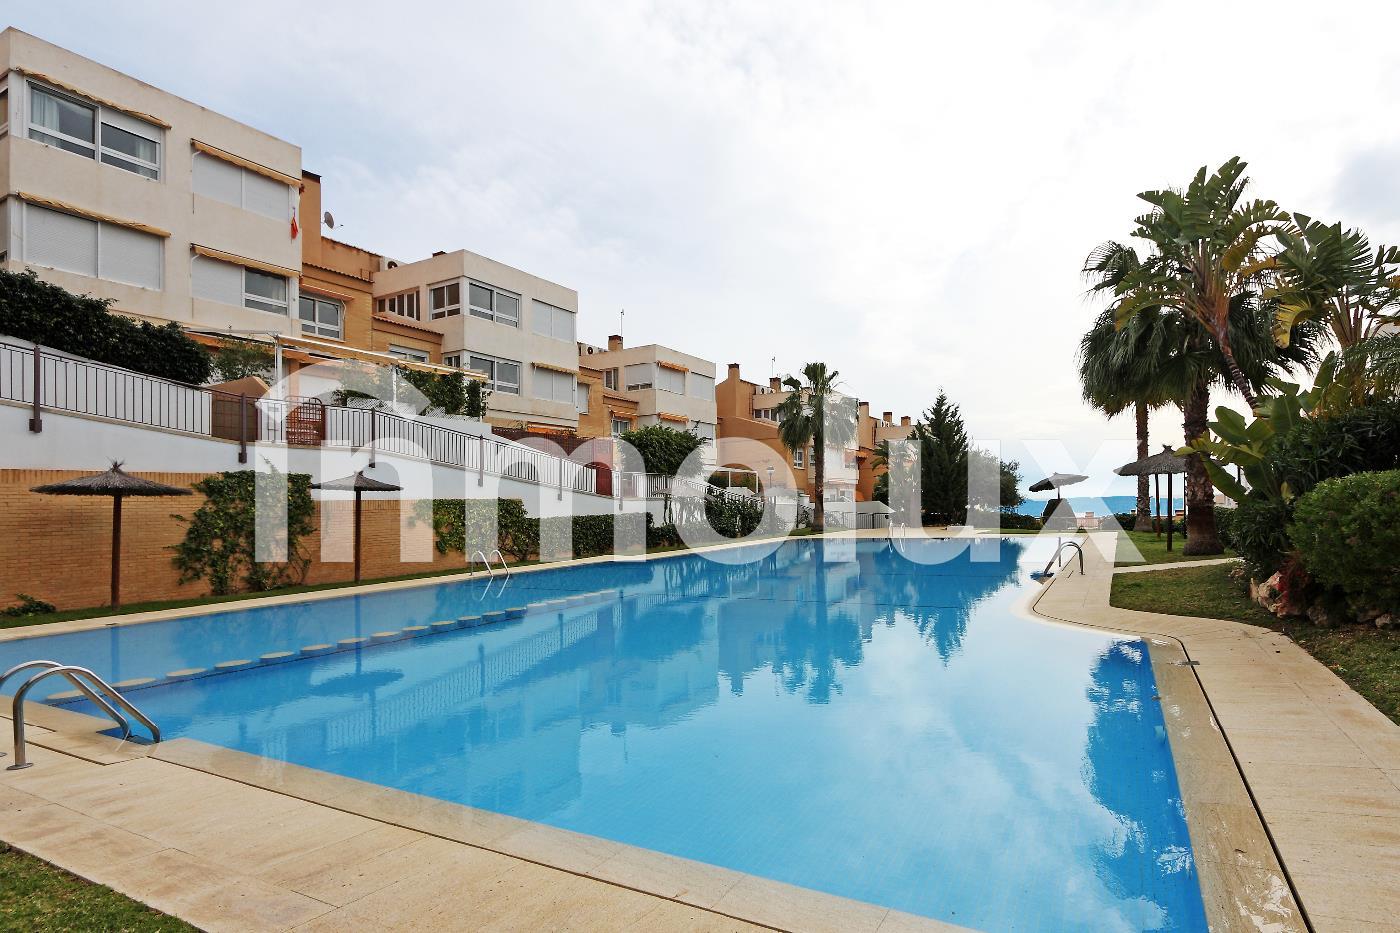 Adosado  en Alicante Cabo de las Huertas -  - >  €